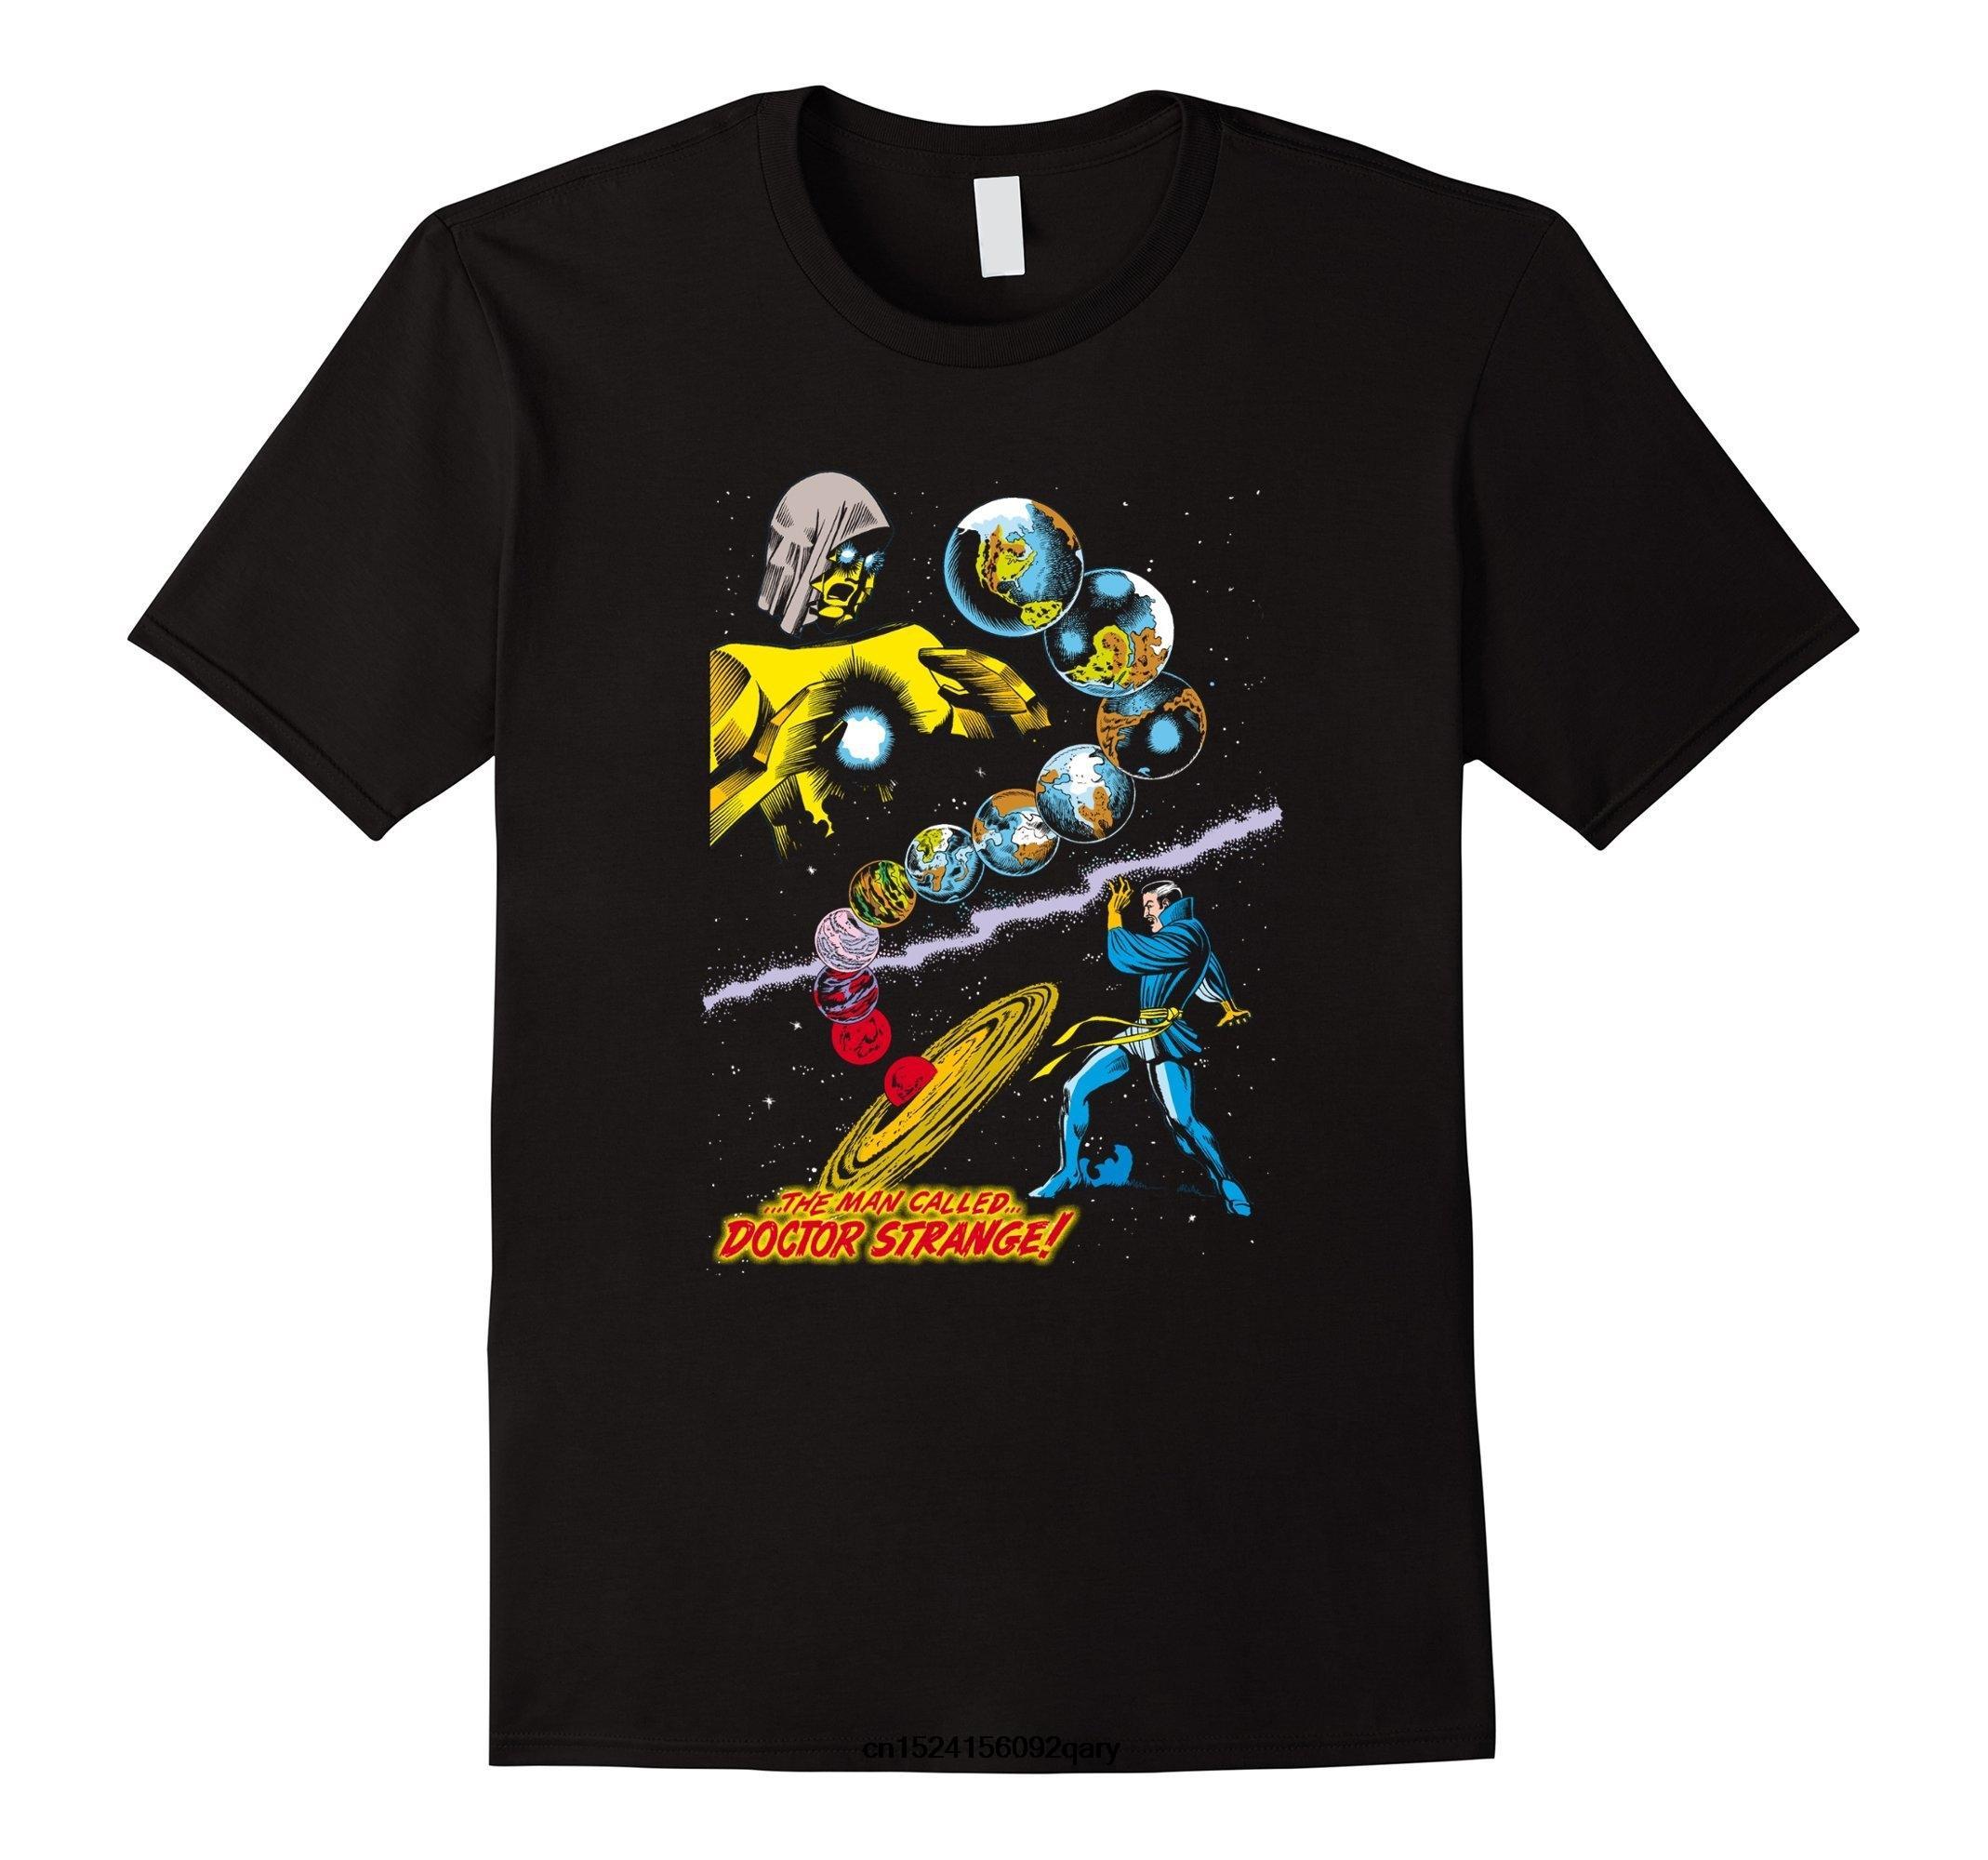 Erkekler Komik Tişörtlü Serin Tişört Doktor Strange Dünyalar Grafik Tişört Baskı Tişört Erkek Yaz Pamuk Düşük Fiyat En Tee